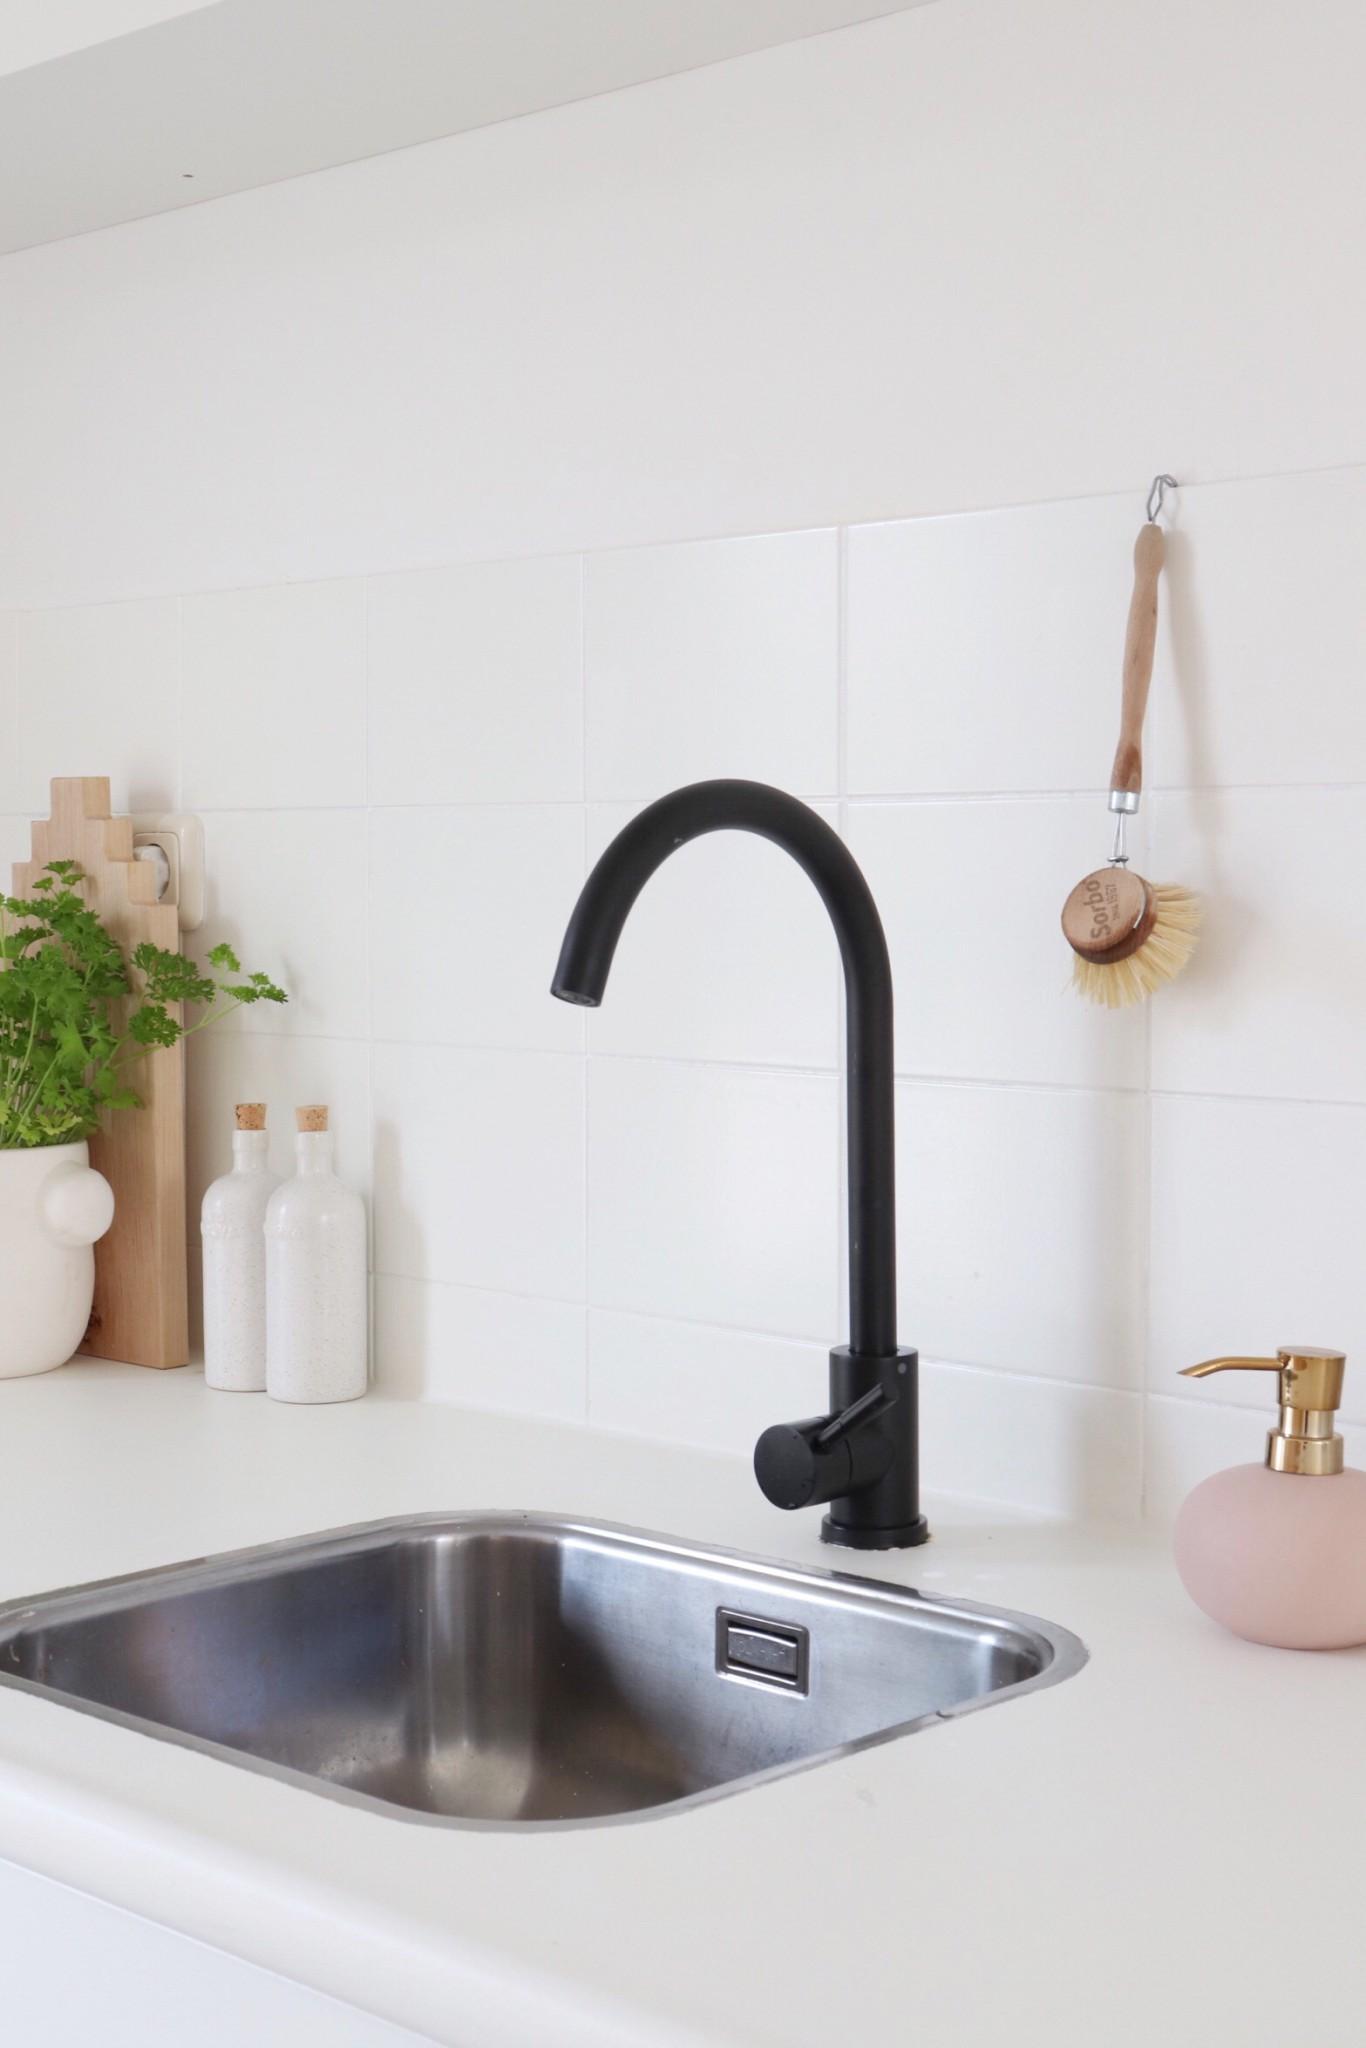 Zwarte kraan als accent in een witte keuken